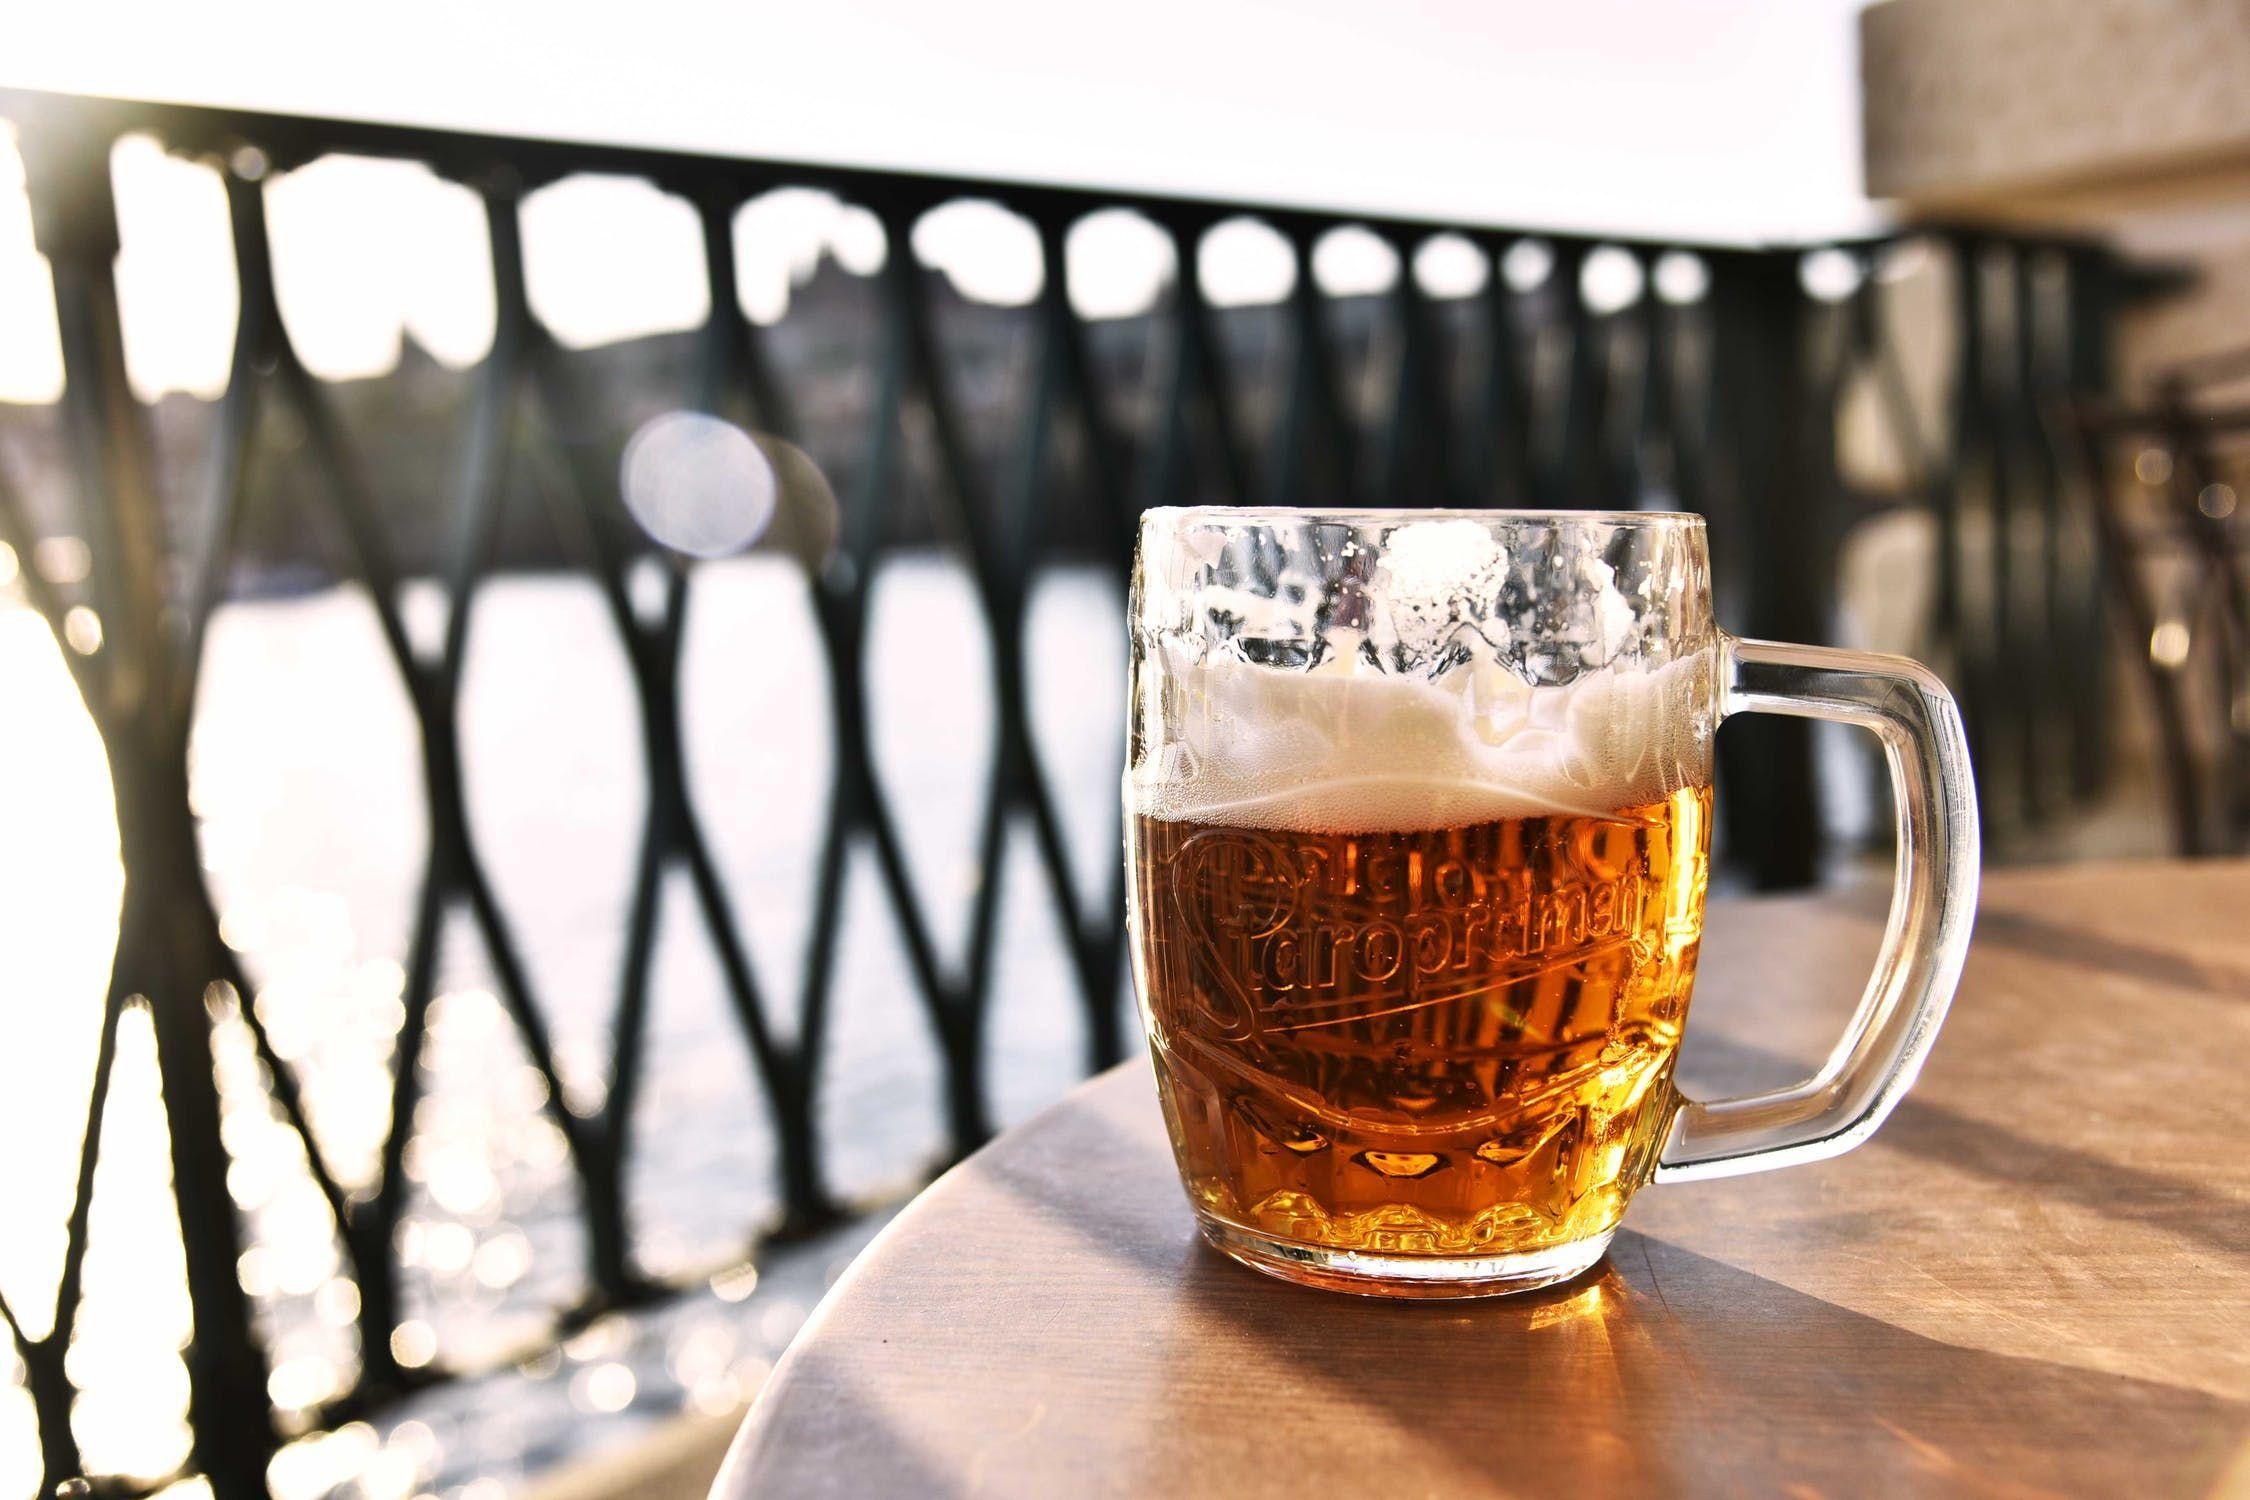 ¿Cómo se hace la cerveza? ¿Es kosher o no?